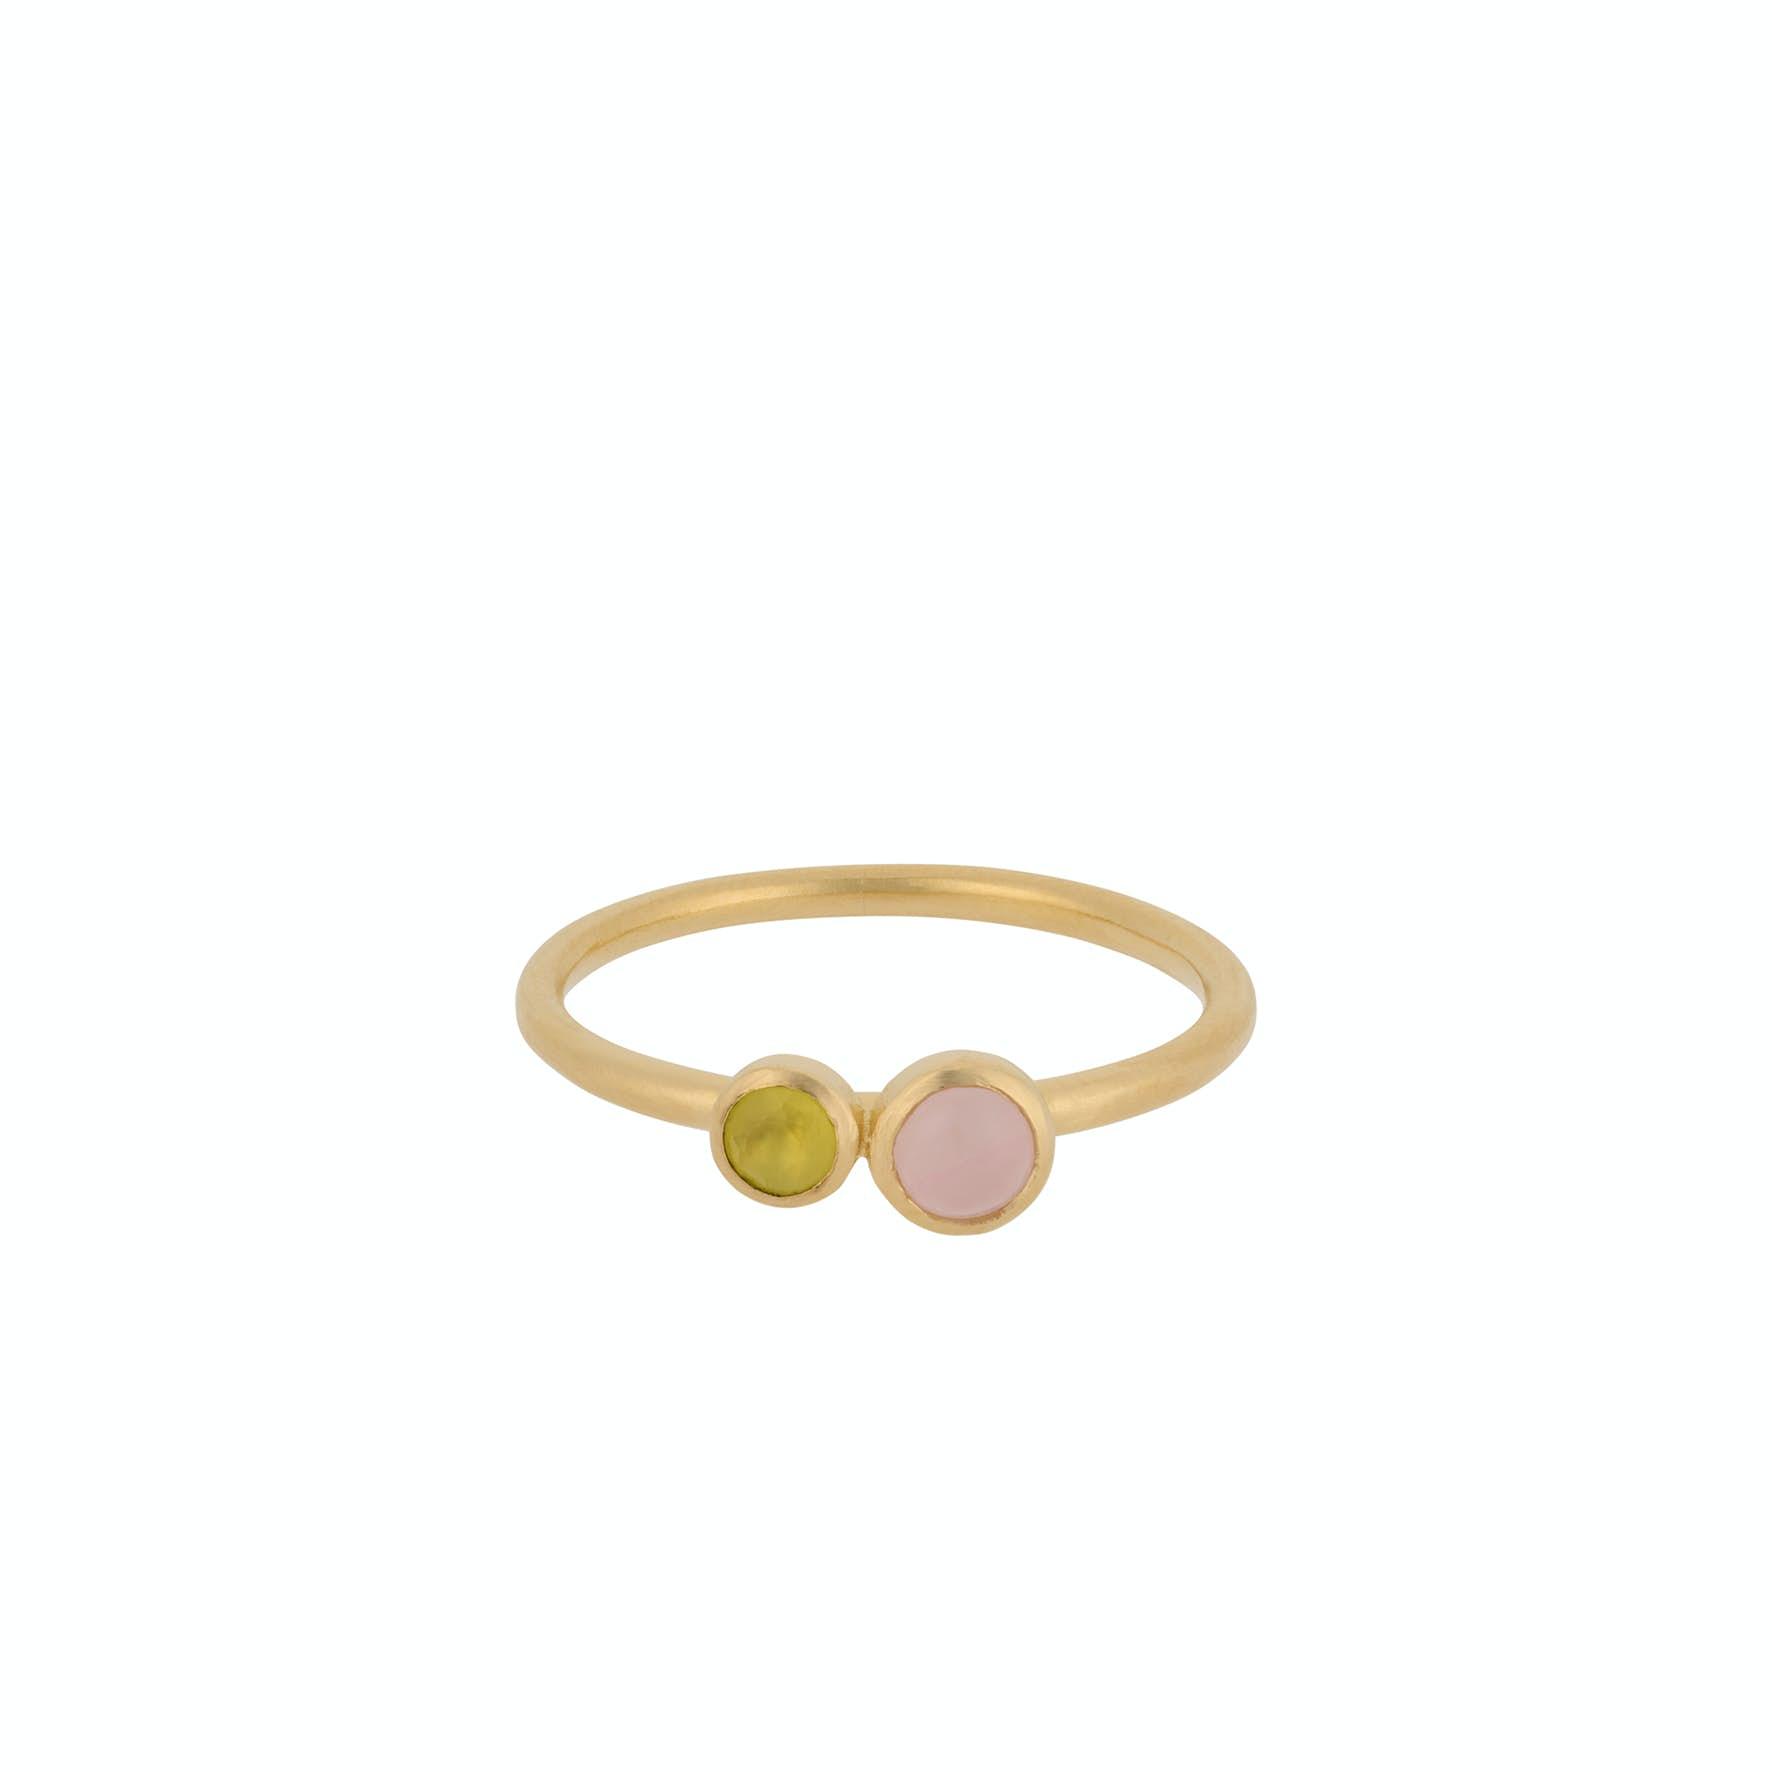 Pastel Sky Ring fra Pernille Corydon i Forgylt-Sølv Sterling 925